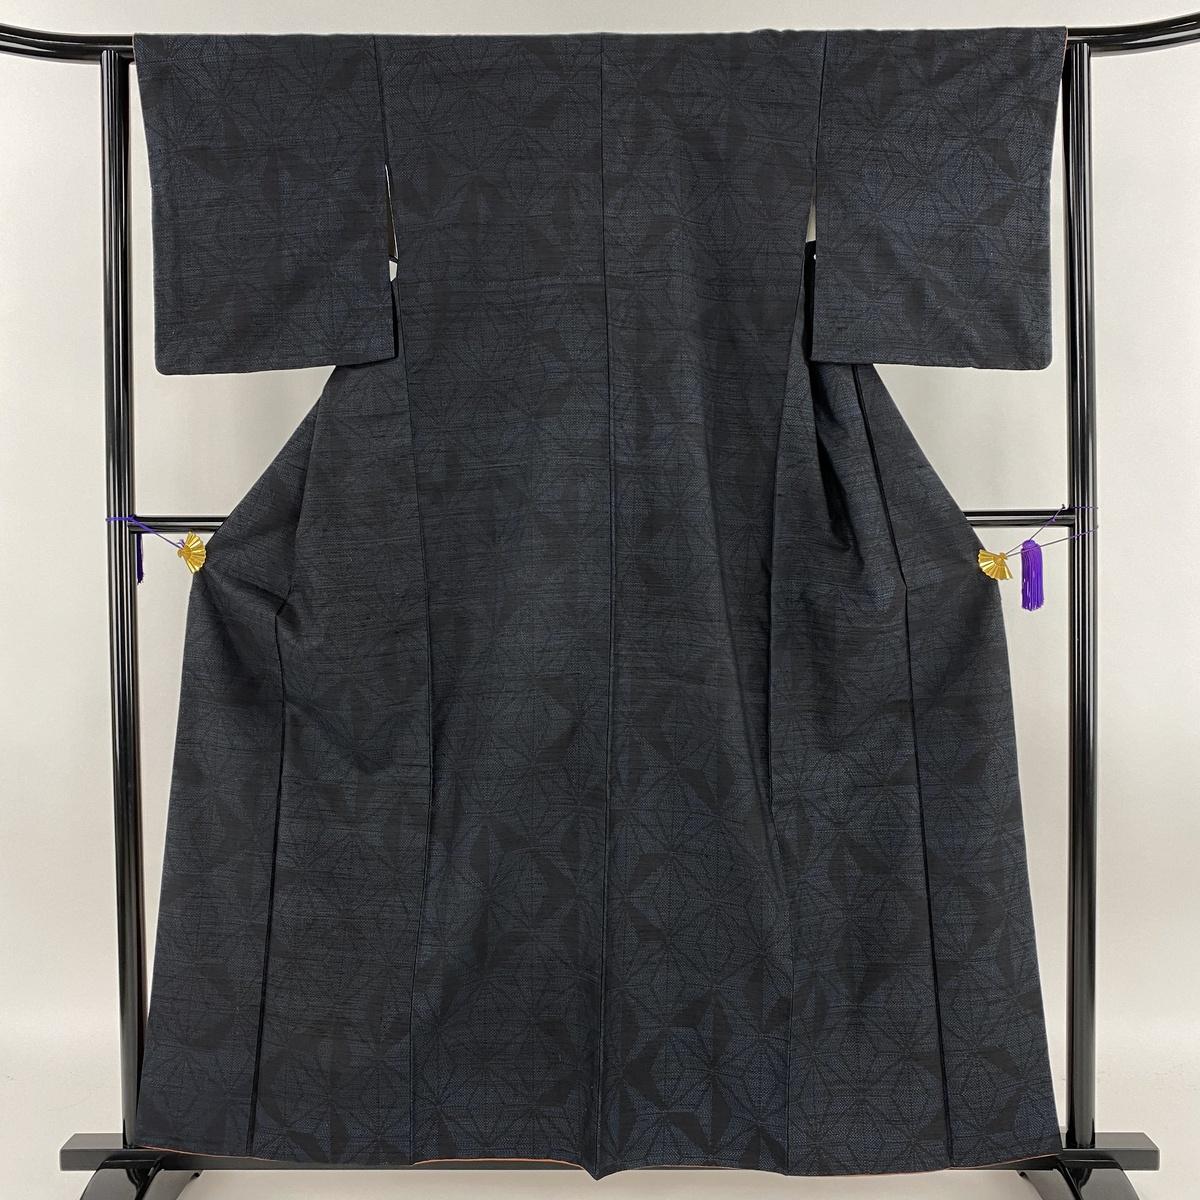 紬 美品 秀品 麻の葉 紺色 袷 身丈160cm 裄丈63cm S 正絹 【中古】